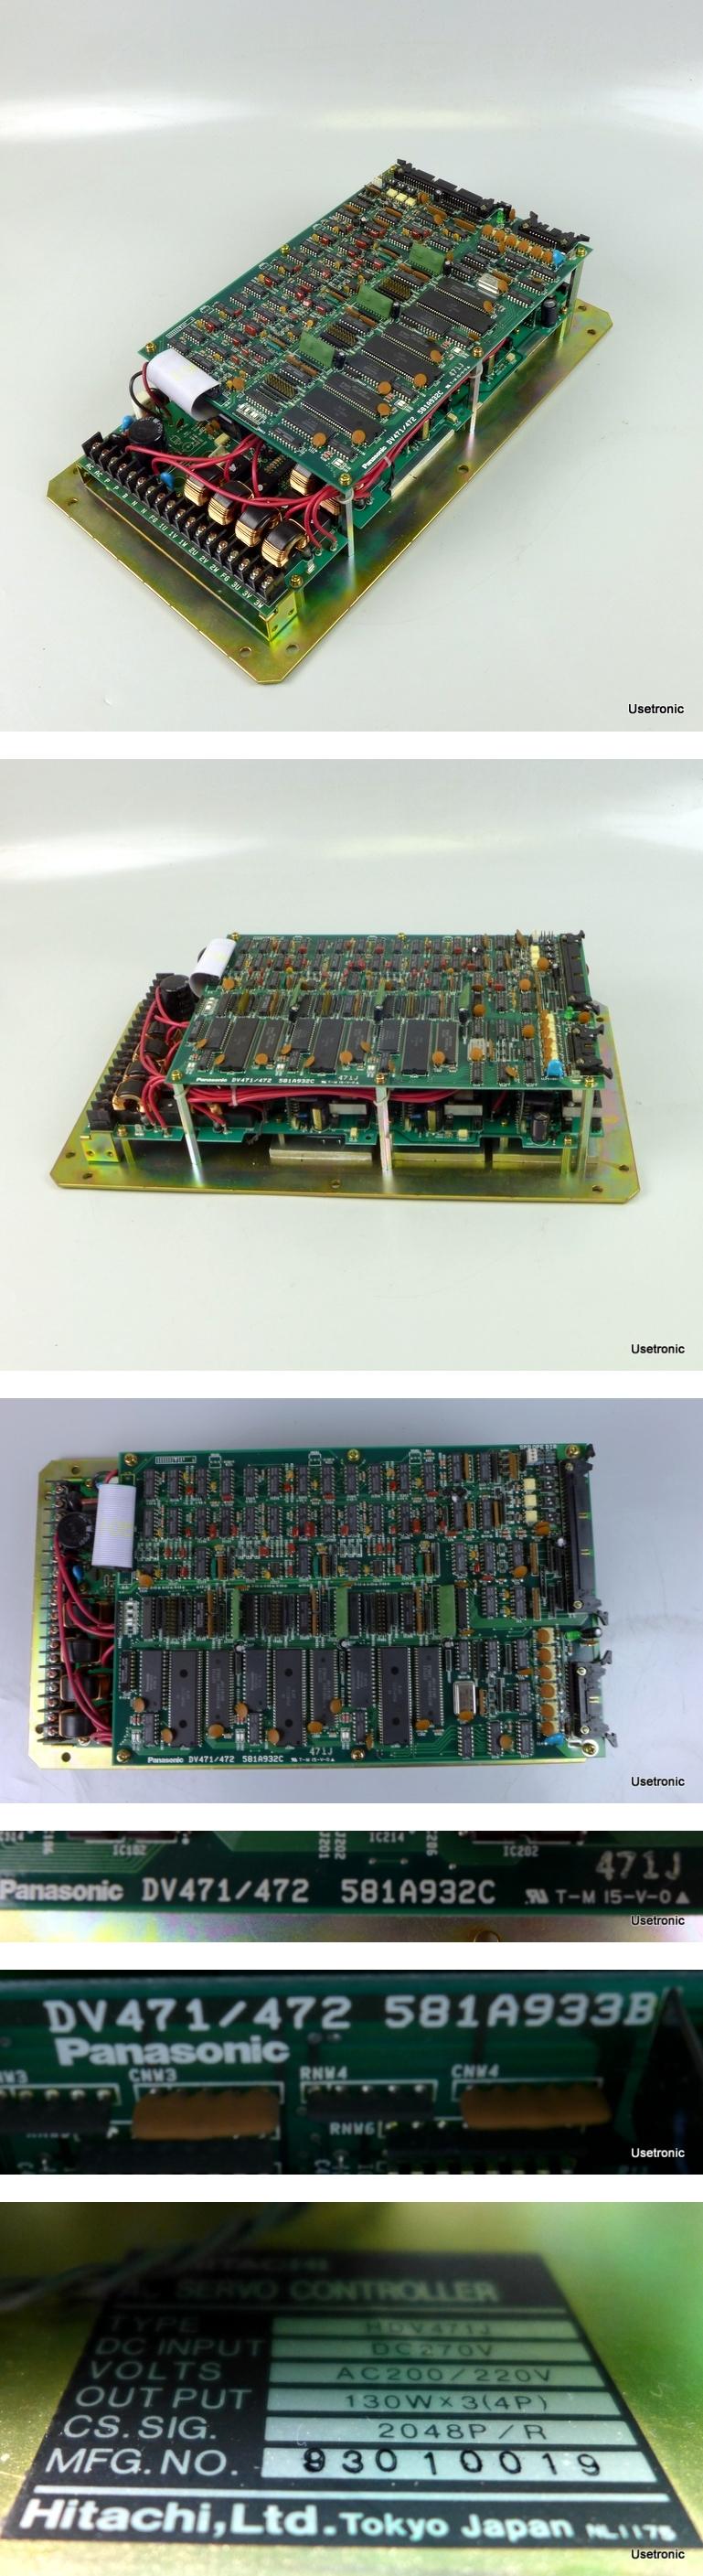 Hitachi HDV471 J